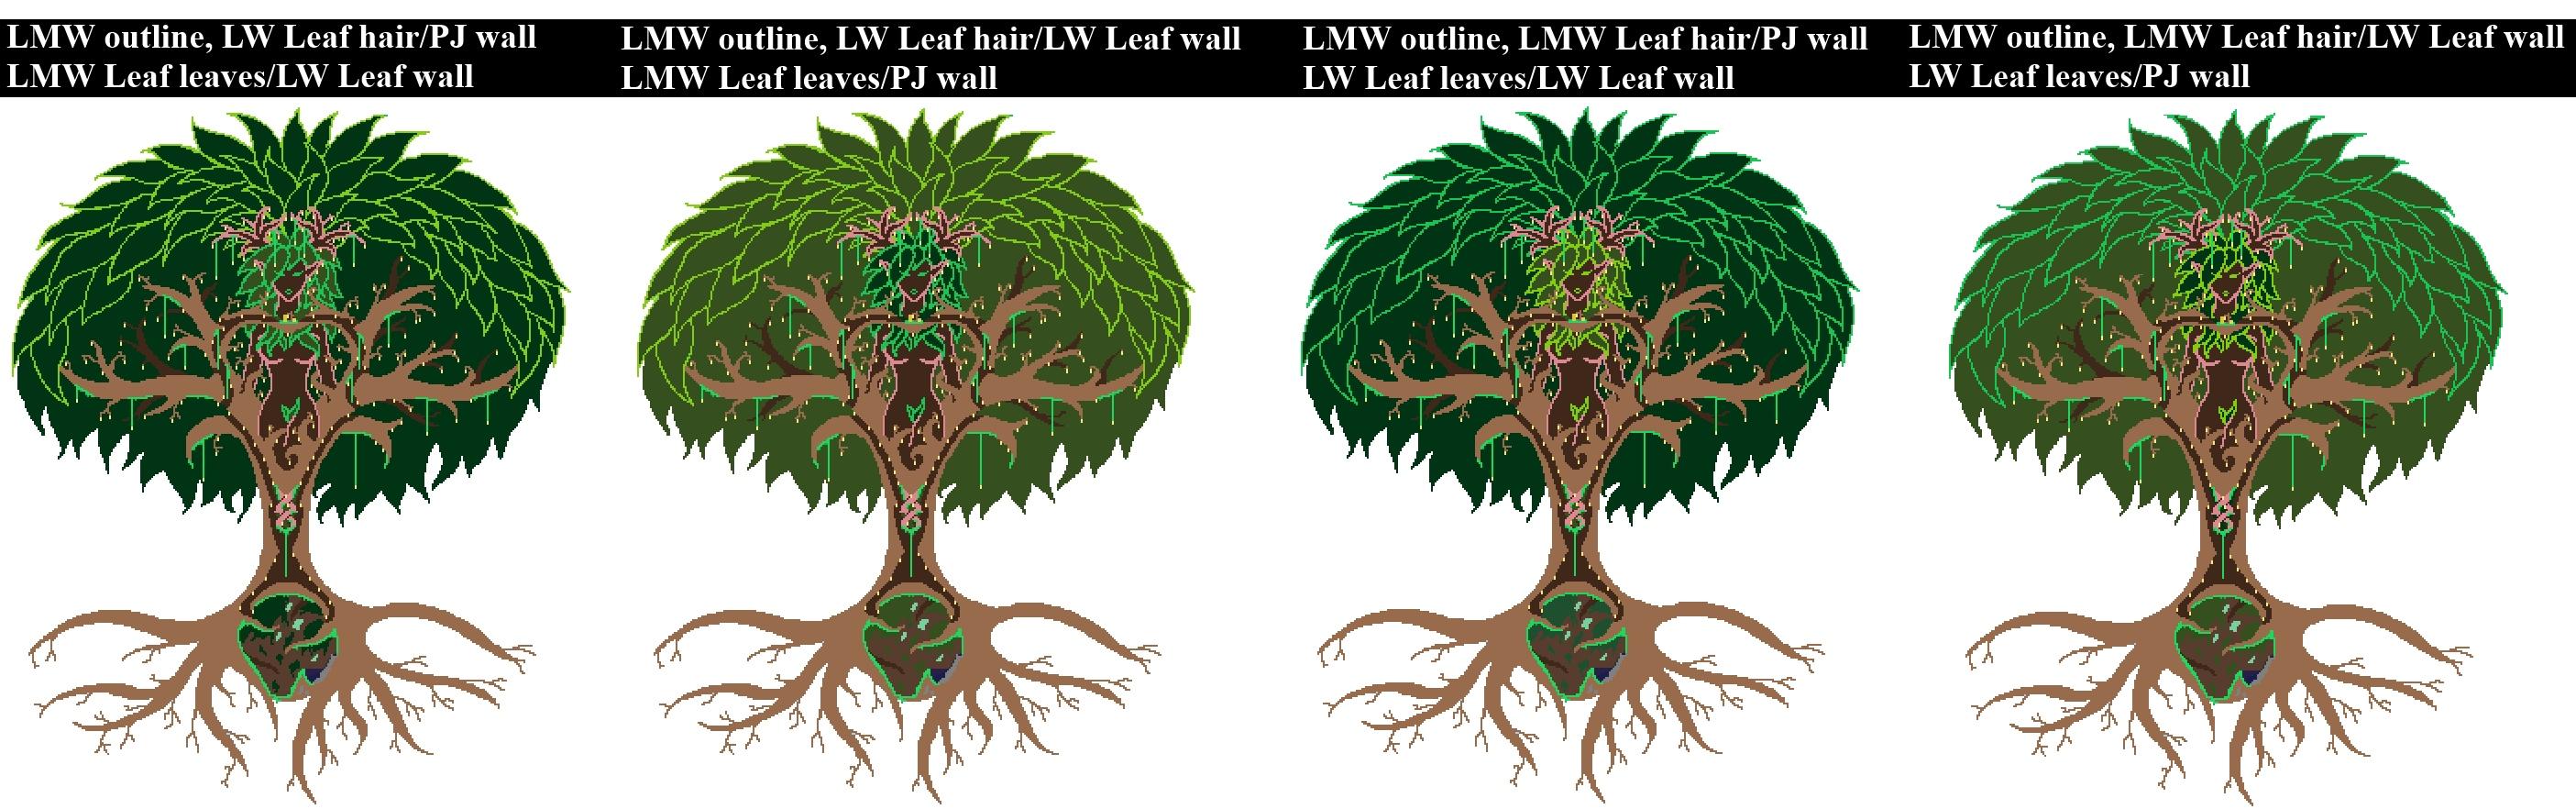 Tree of Life variations.jpg